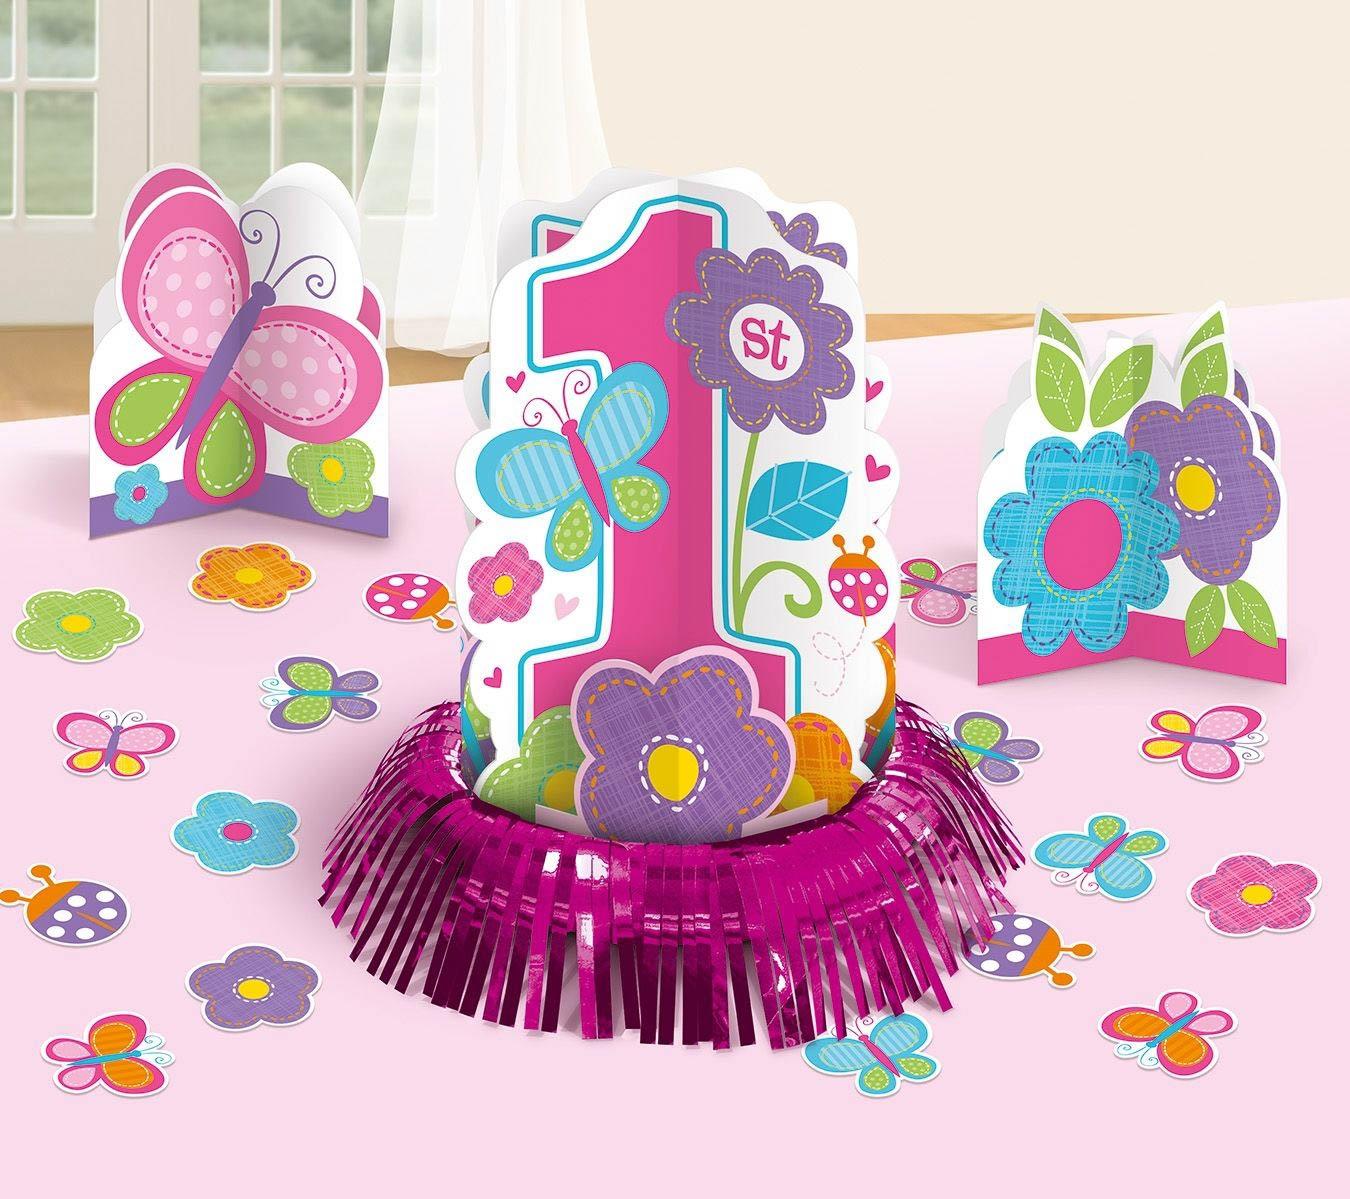 Sweet Birthday Girl 1 Geburtstag Tischdeko Set Fur Madchen 1